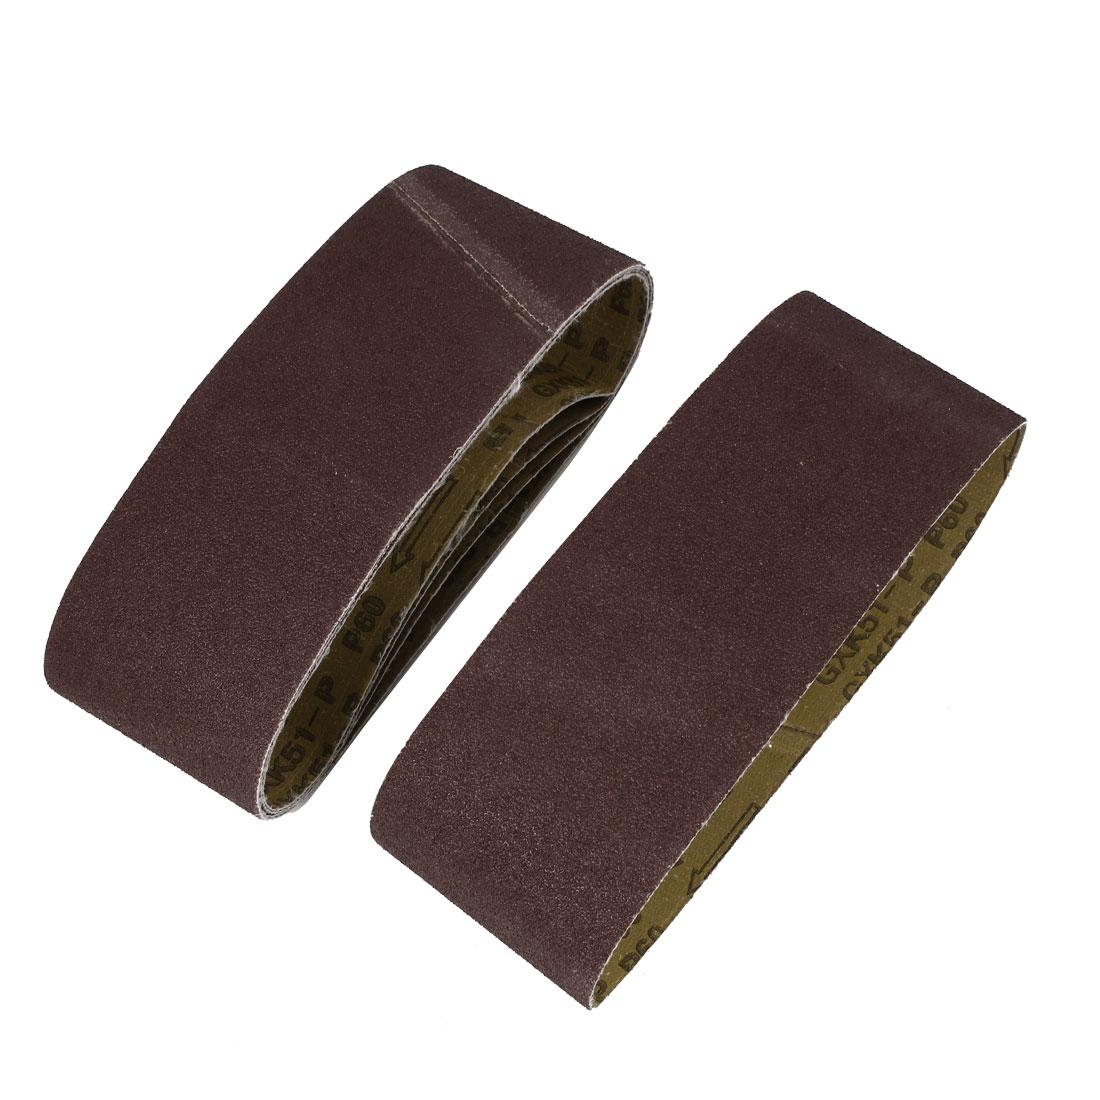 Sander Polishing Machine 610x100mm 60 Grit Brushed Abrasive Sanding Belt Sandpaper 5pcs